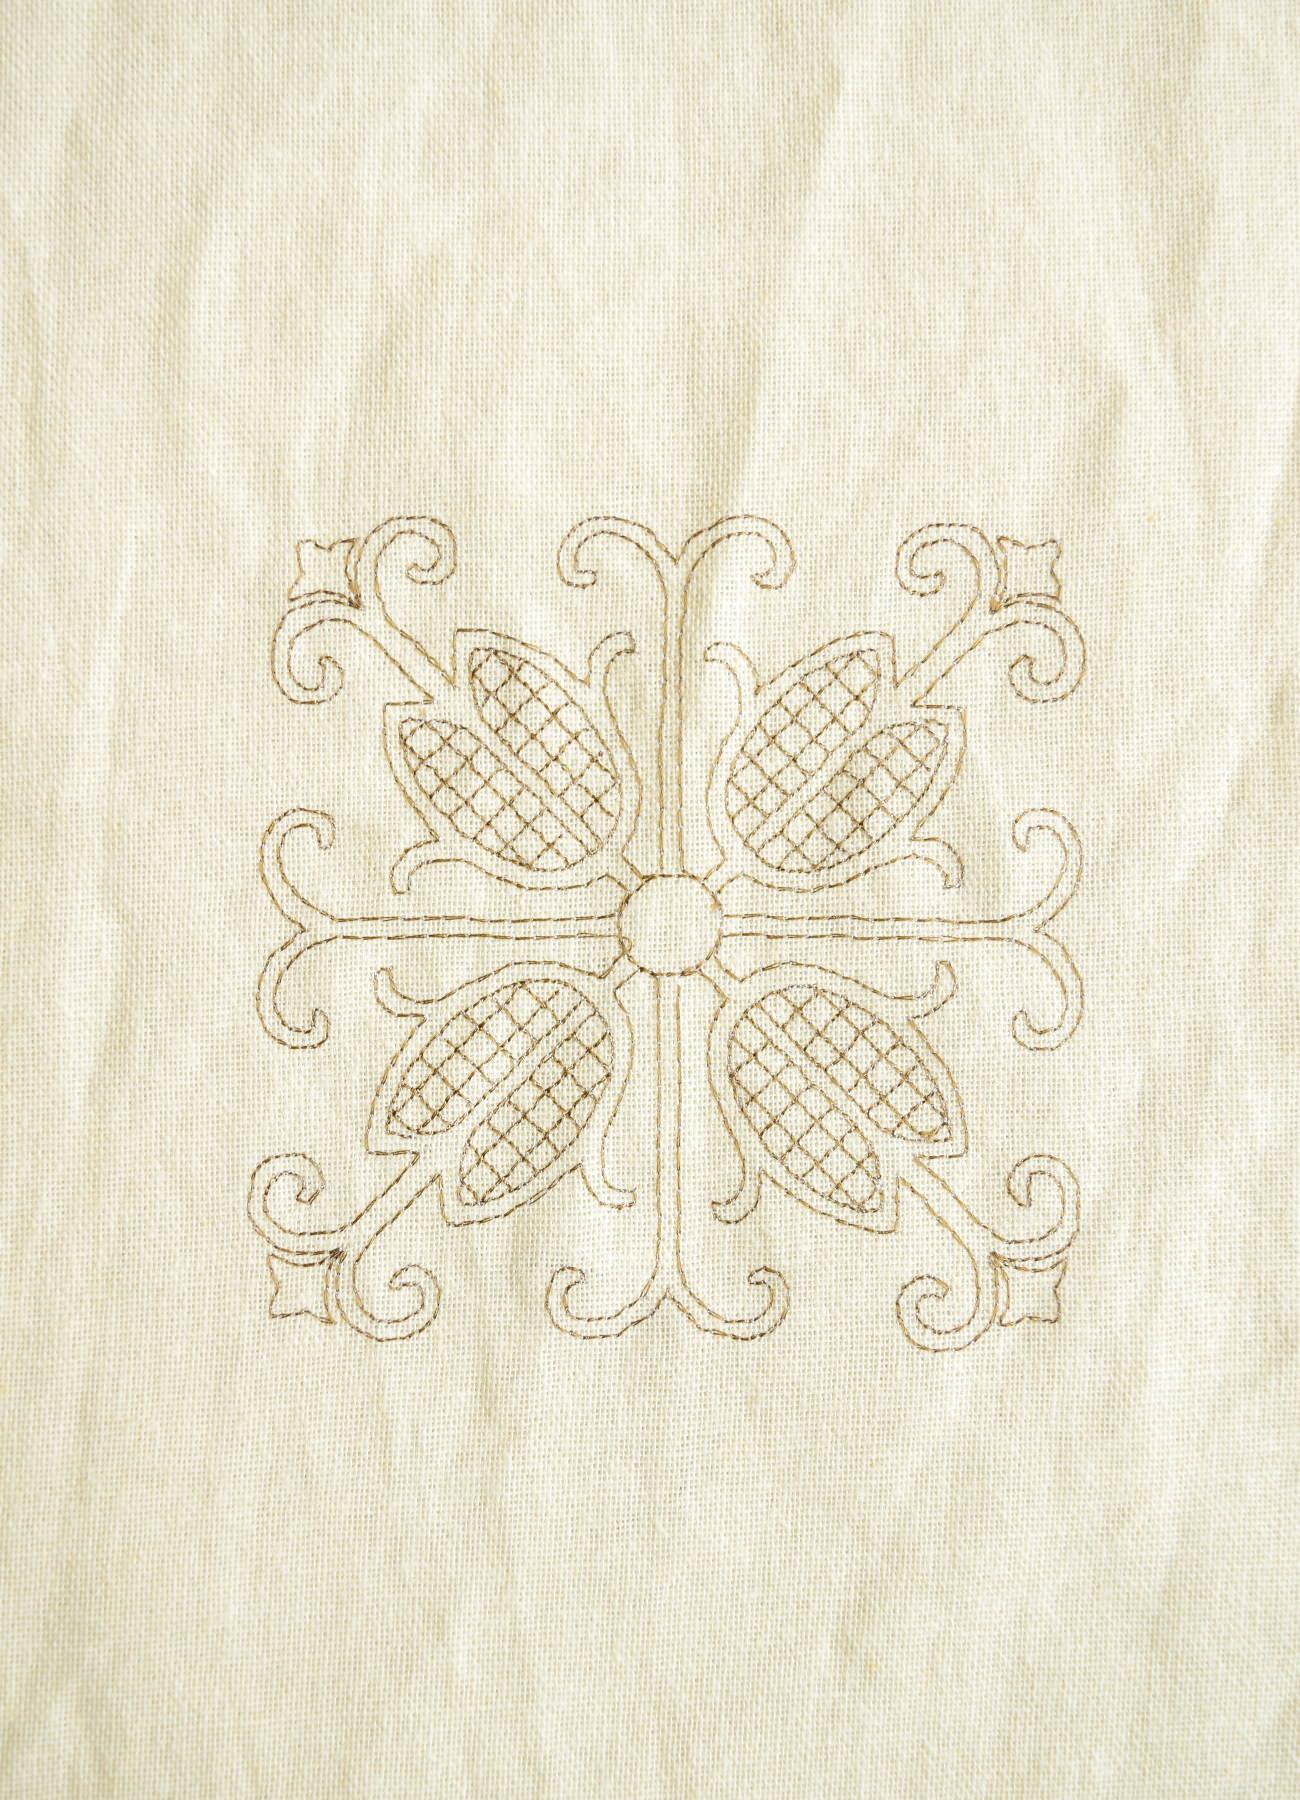 刺繍カーテン テュリップ 全体①